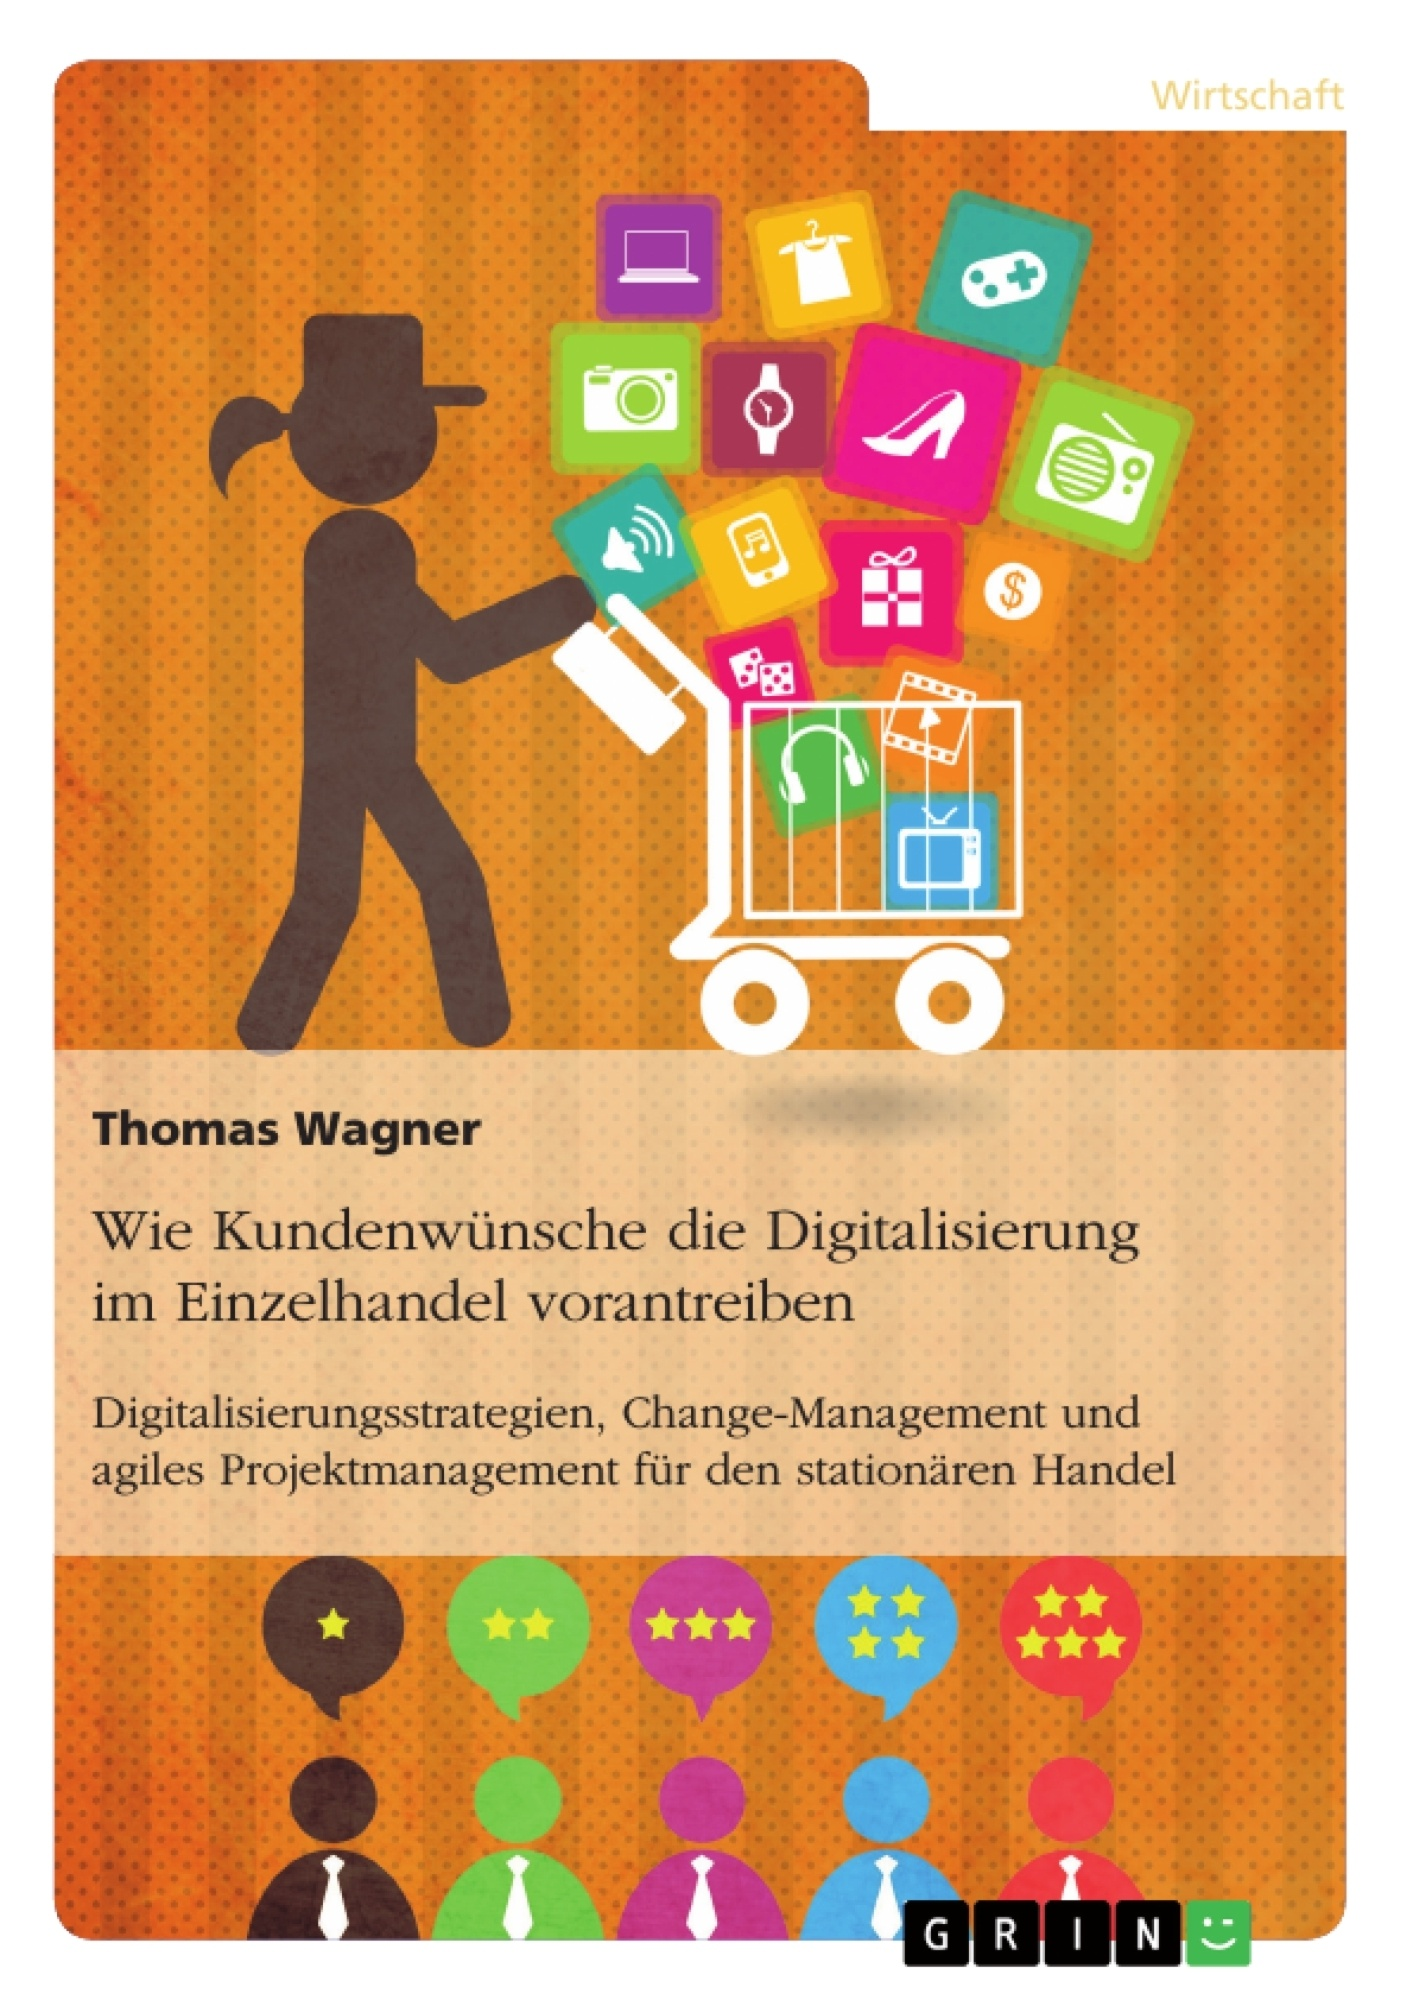 Titel: Wie Kundenwünsche die Digitalisierung im Einzelhandel vorantreiben